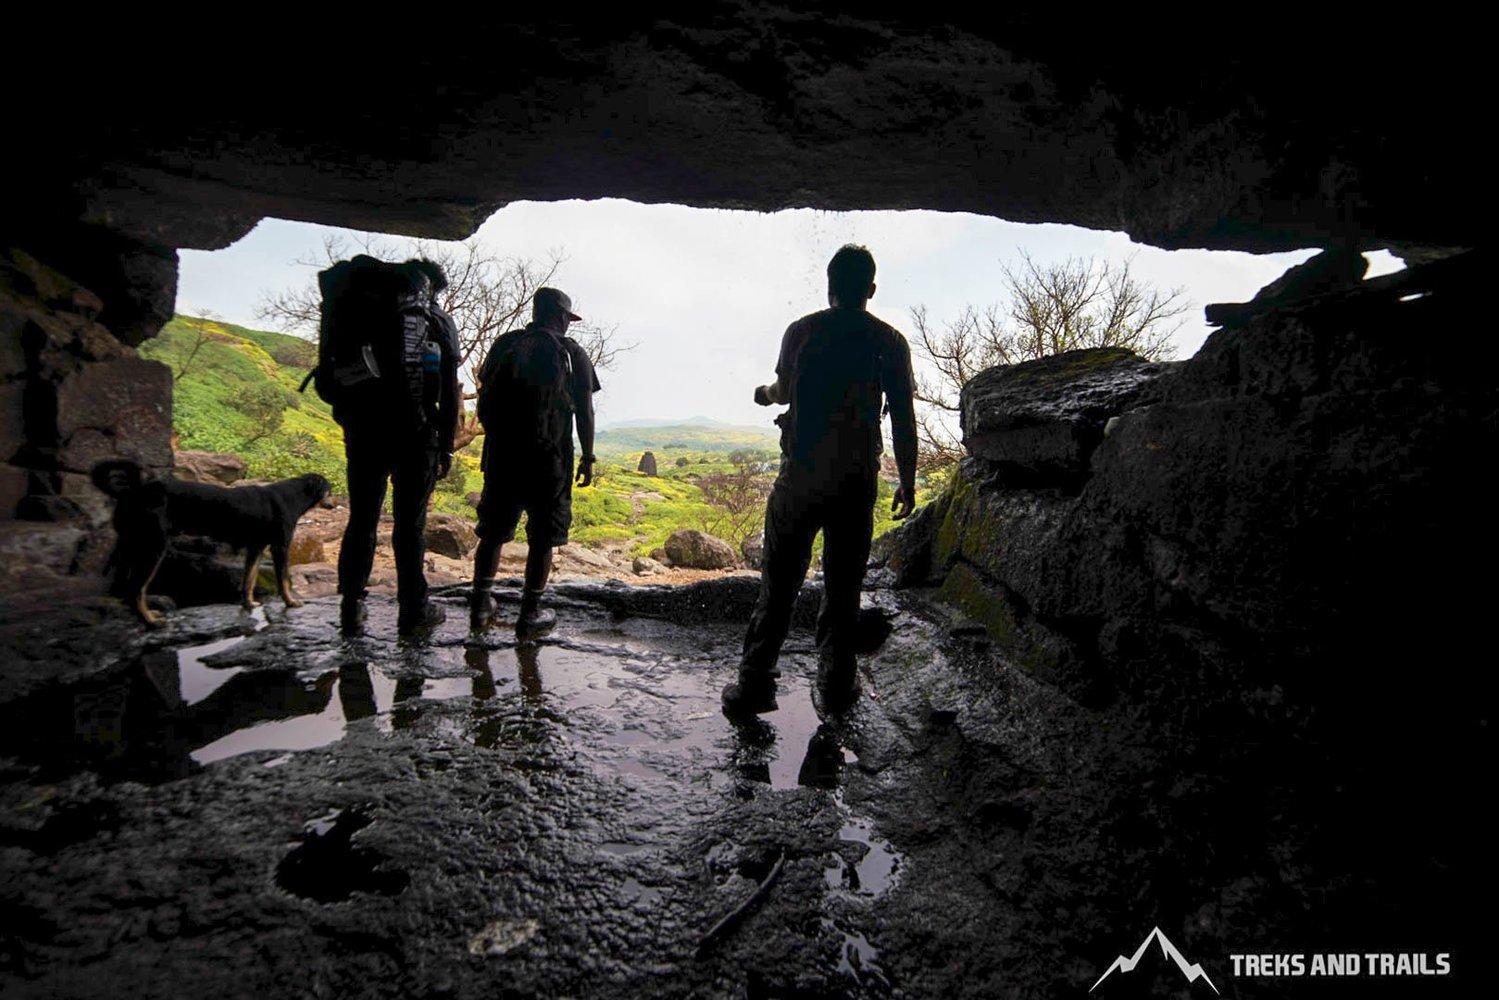 Caves on Harishchandragad